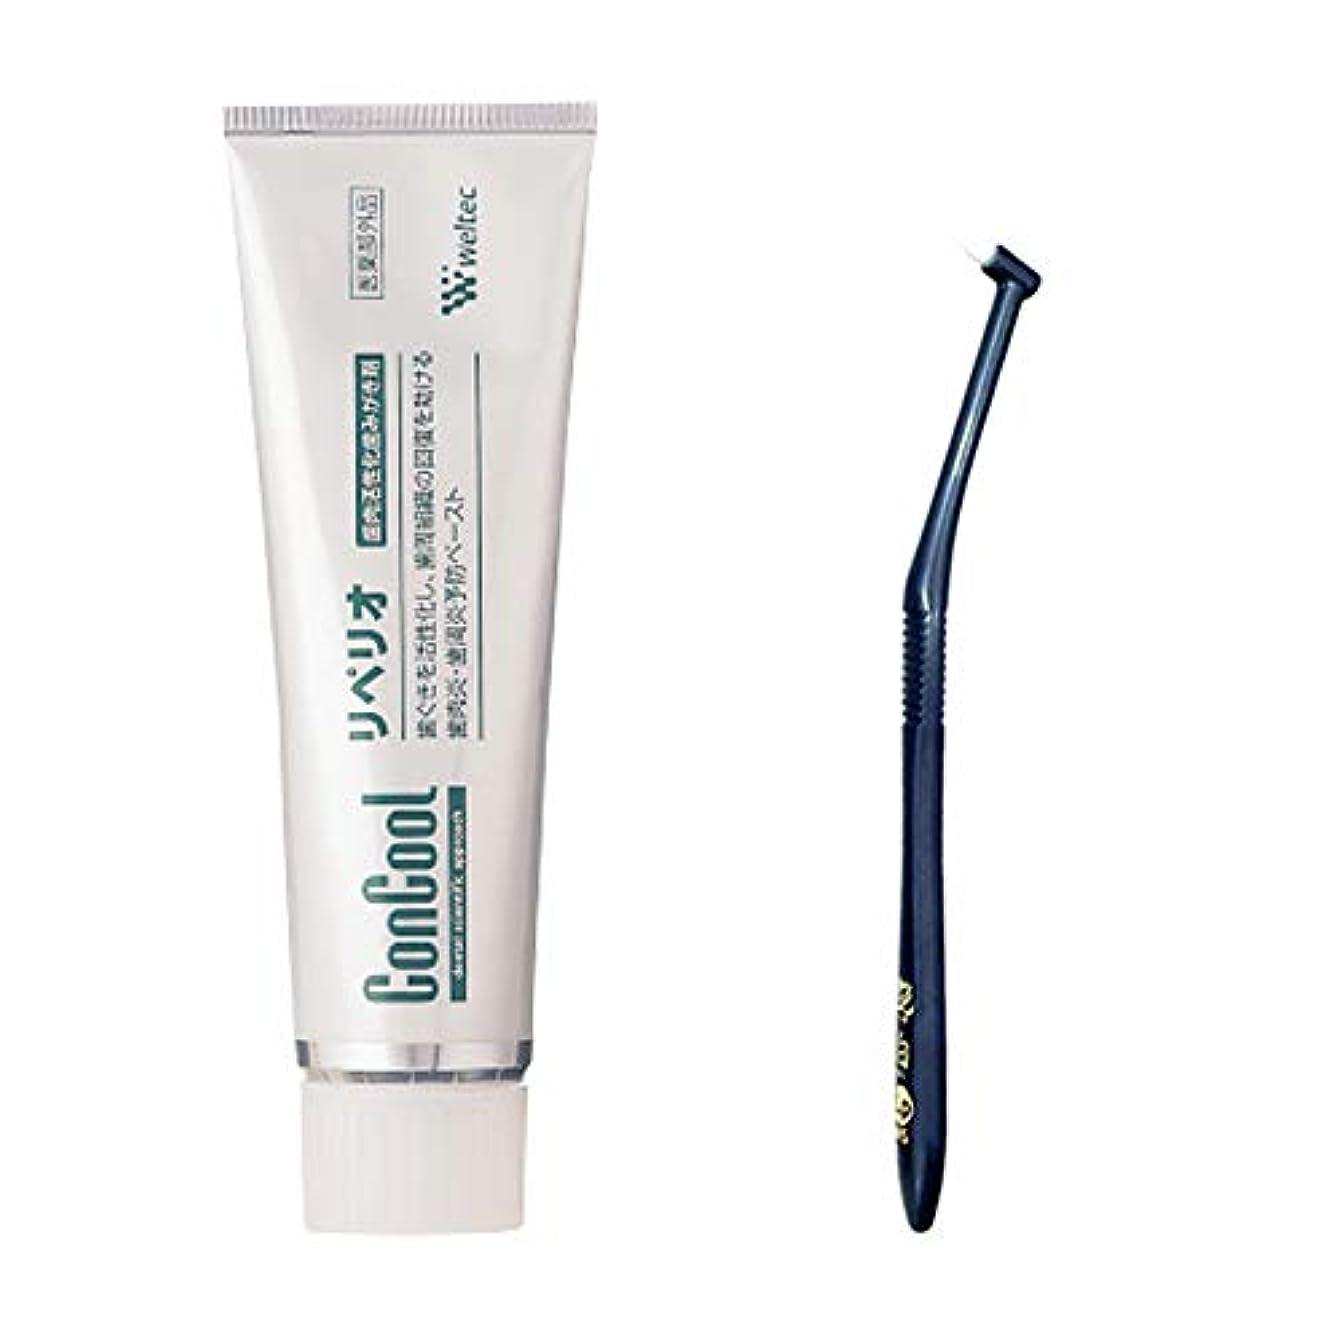 マティスミスペンドシャワーコンクール リペリオ 80g×1本 + 艶白(つやはく) ワンタフト 歯ブラシ ×1本 MS(やややわらかめ) 歯周病予防 歯科医院取扱品